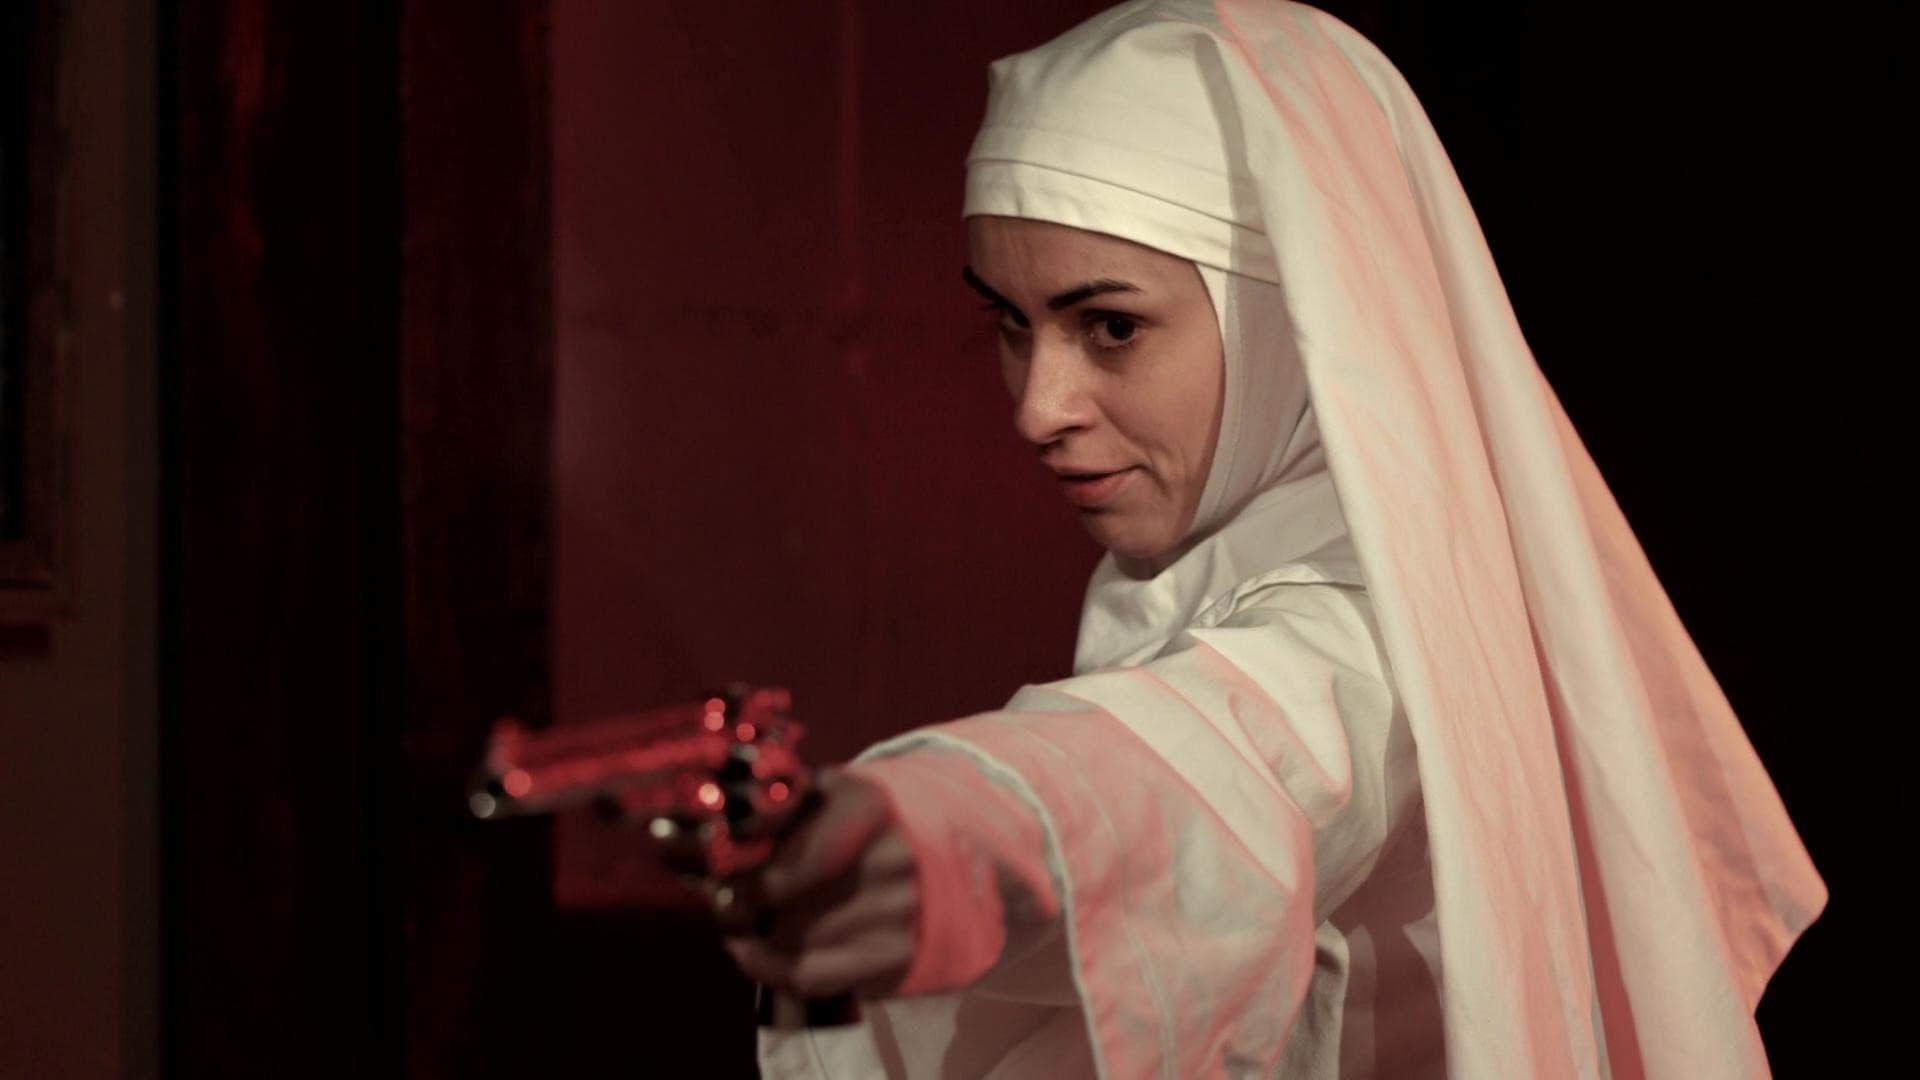 A gun-toting Sister Sarah (Asun Ortega) in Nude Nuns with Big Guns (2010)